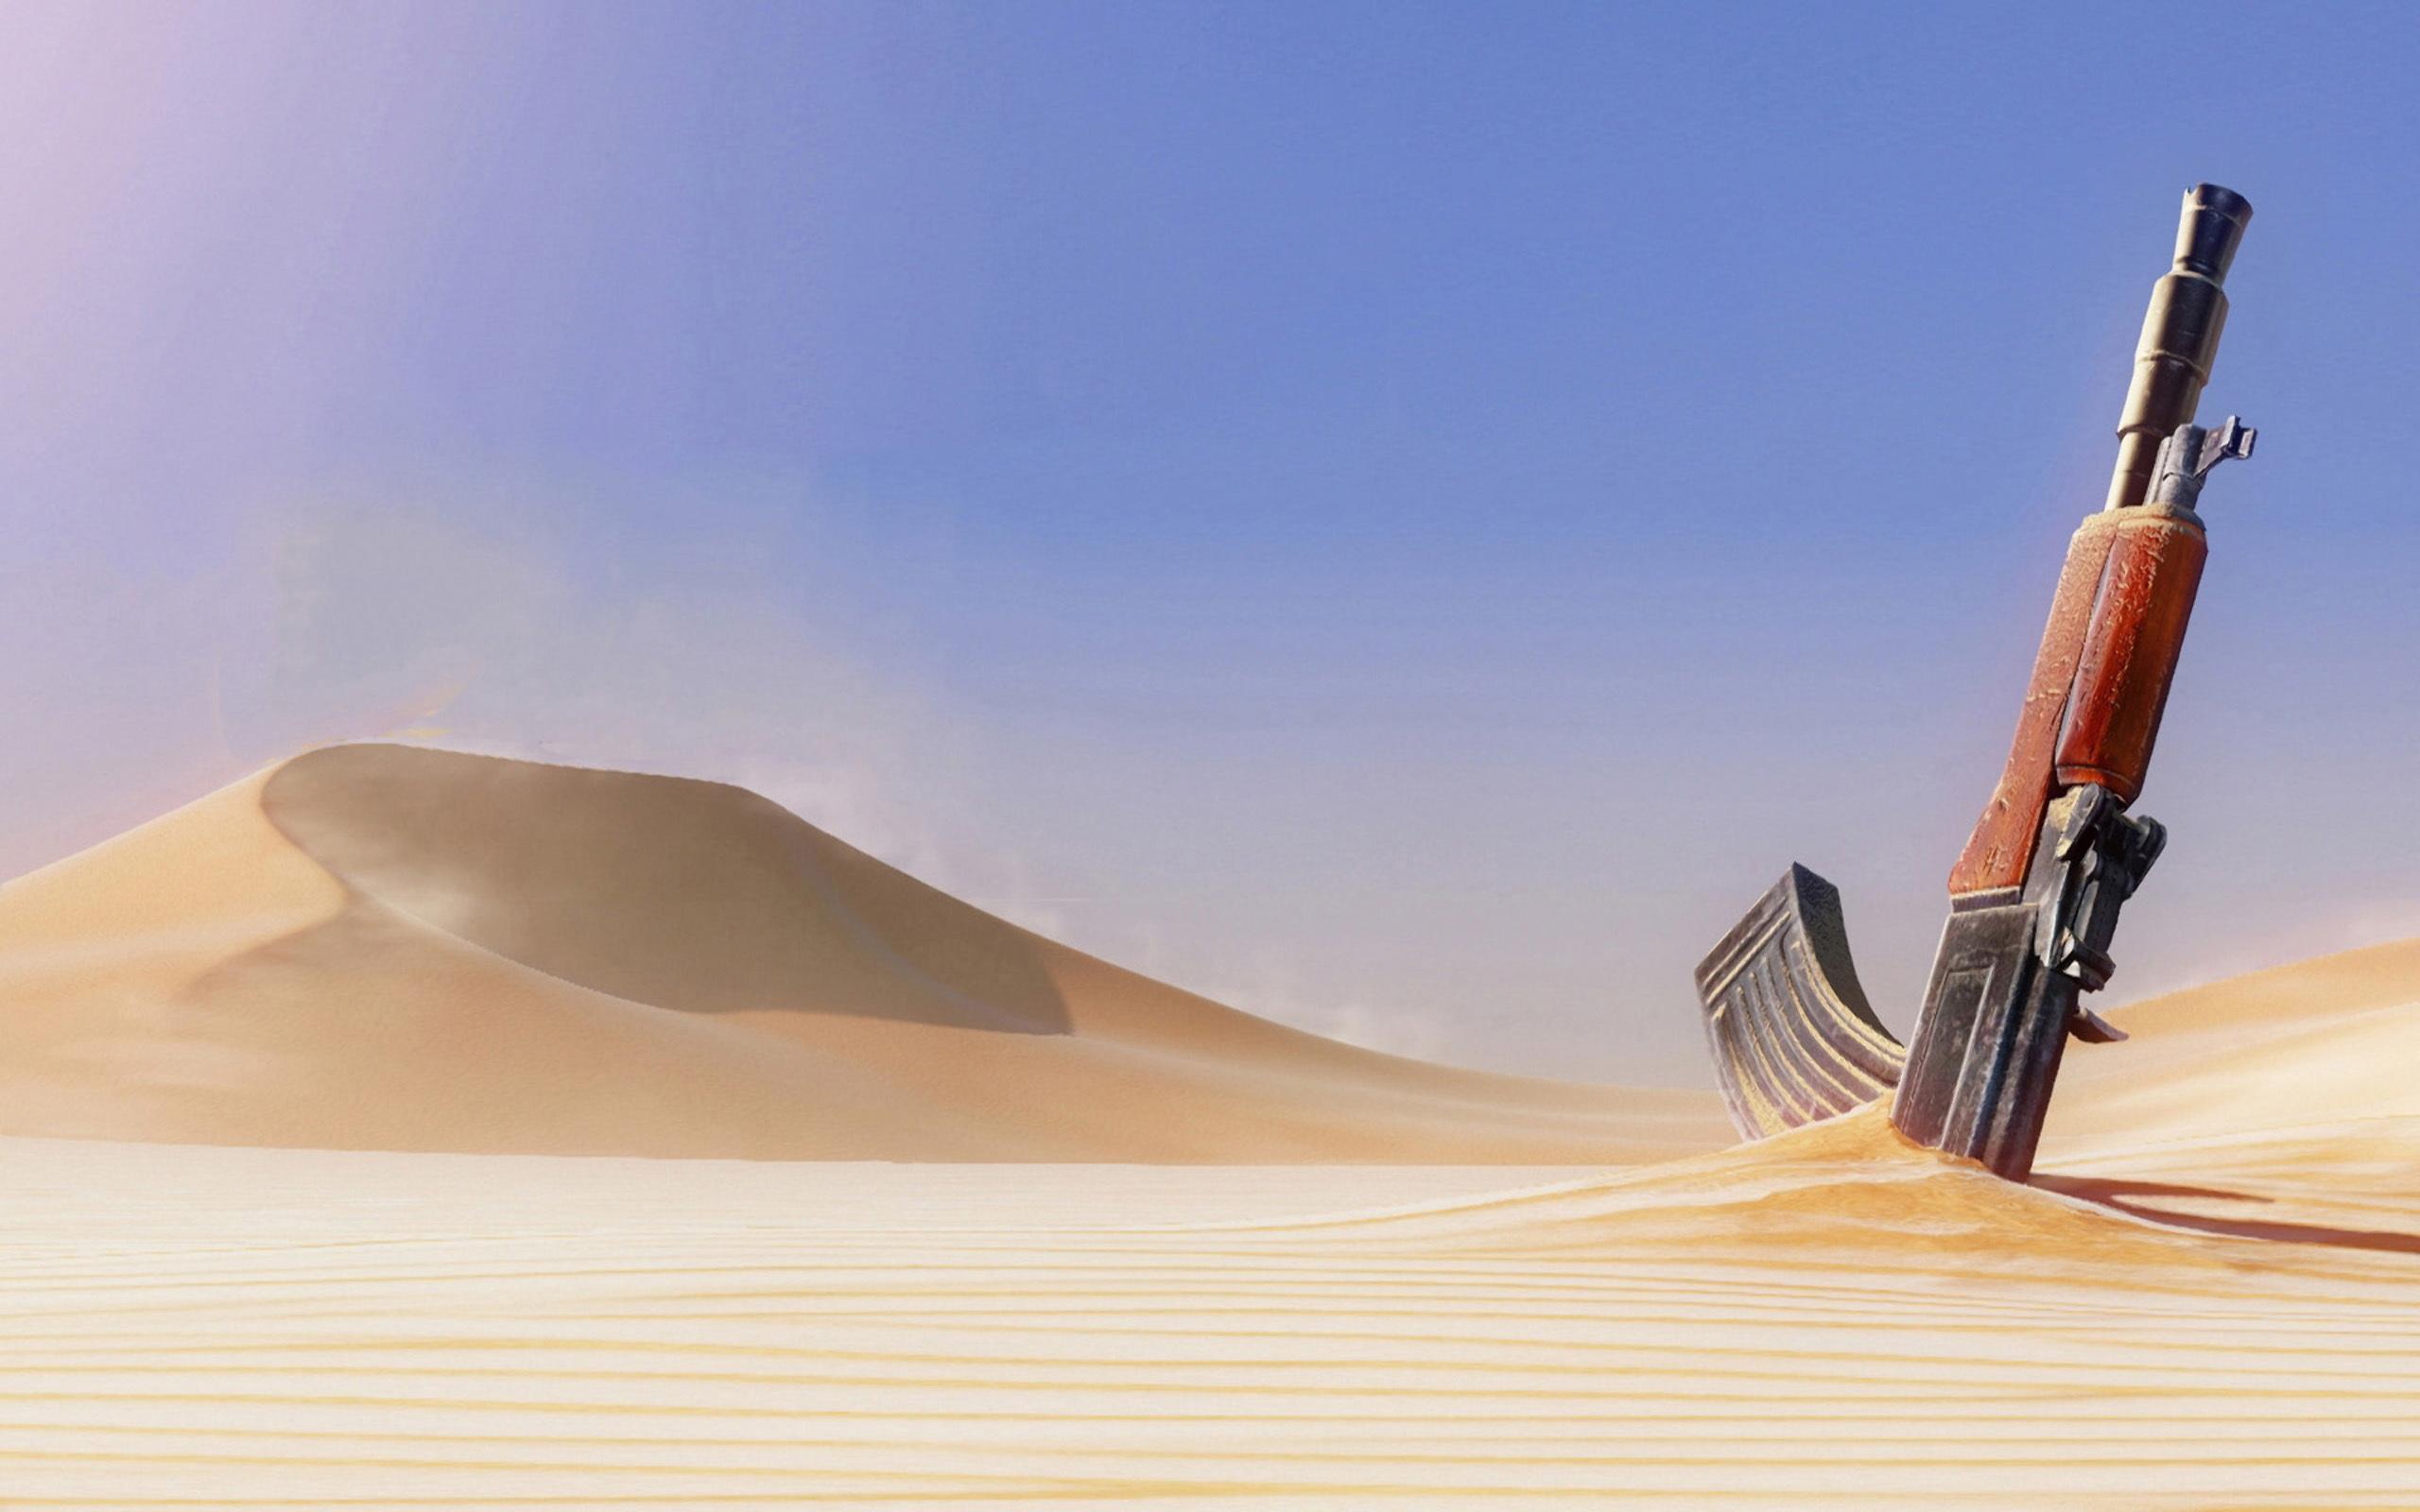 Музыка в пустыне  № 3622211 бесплатно